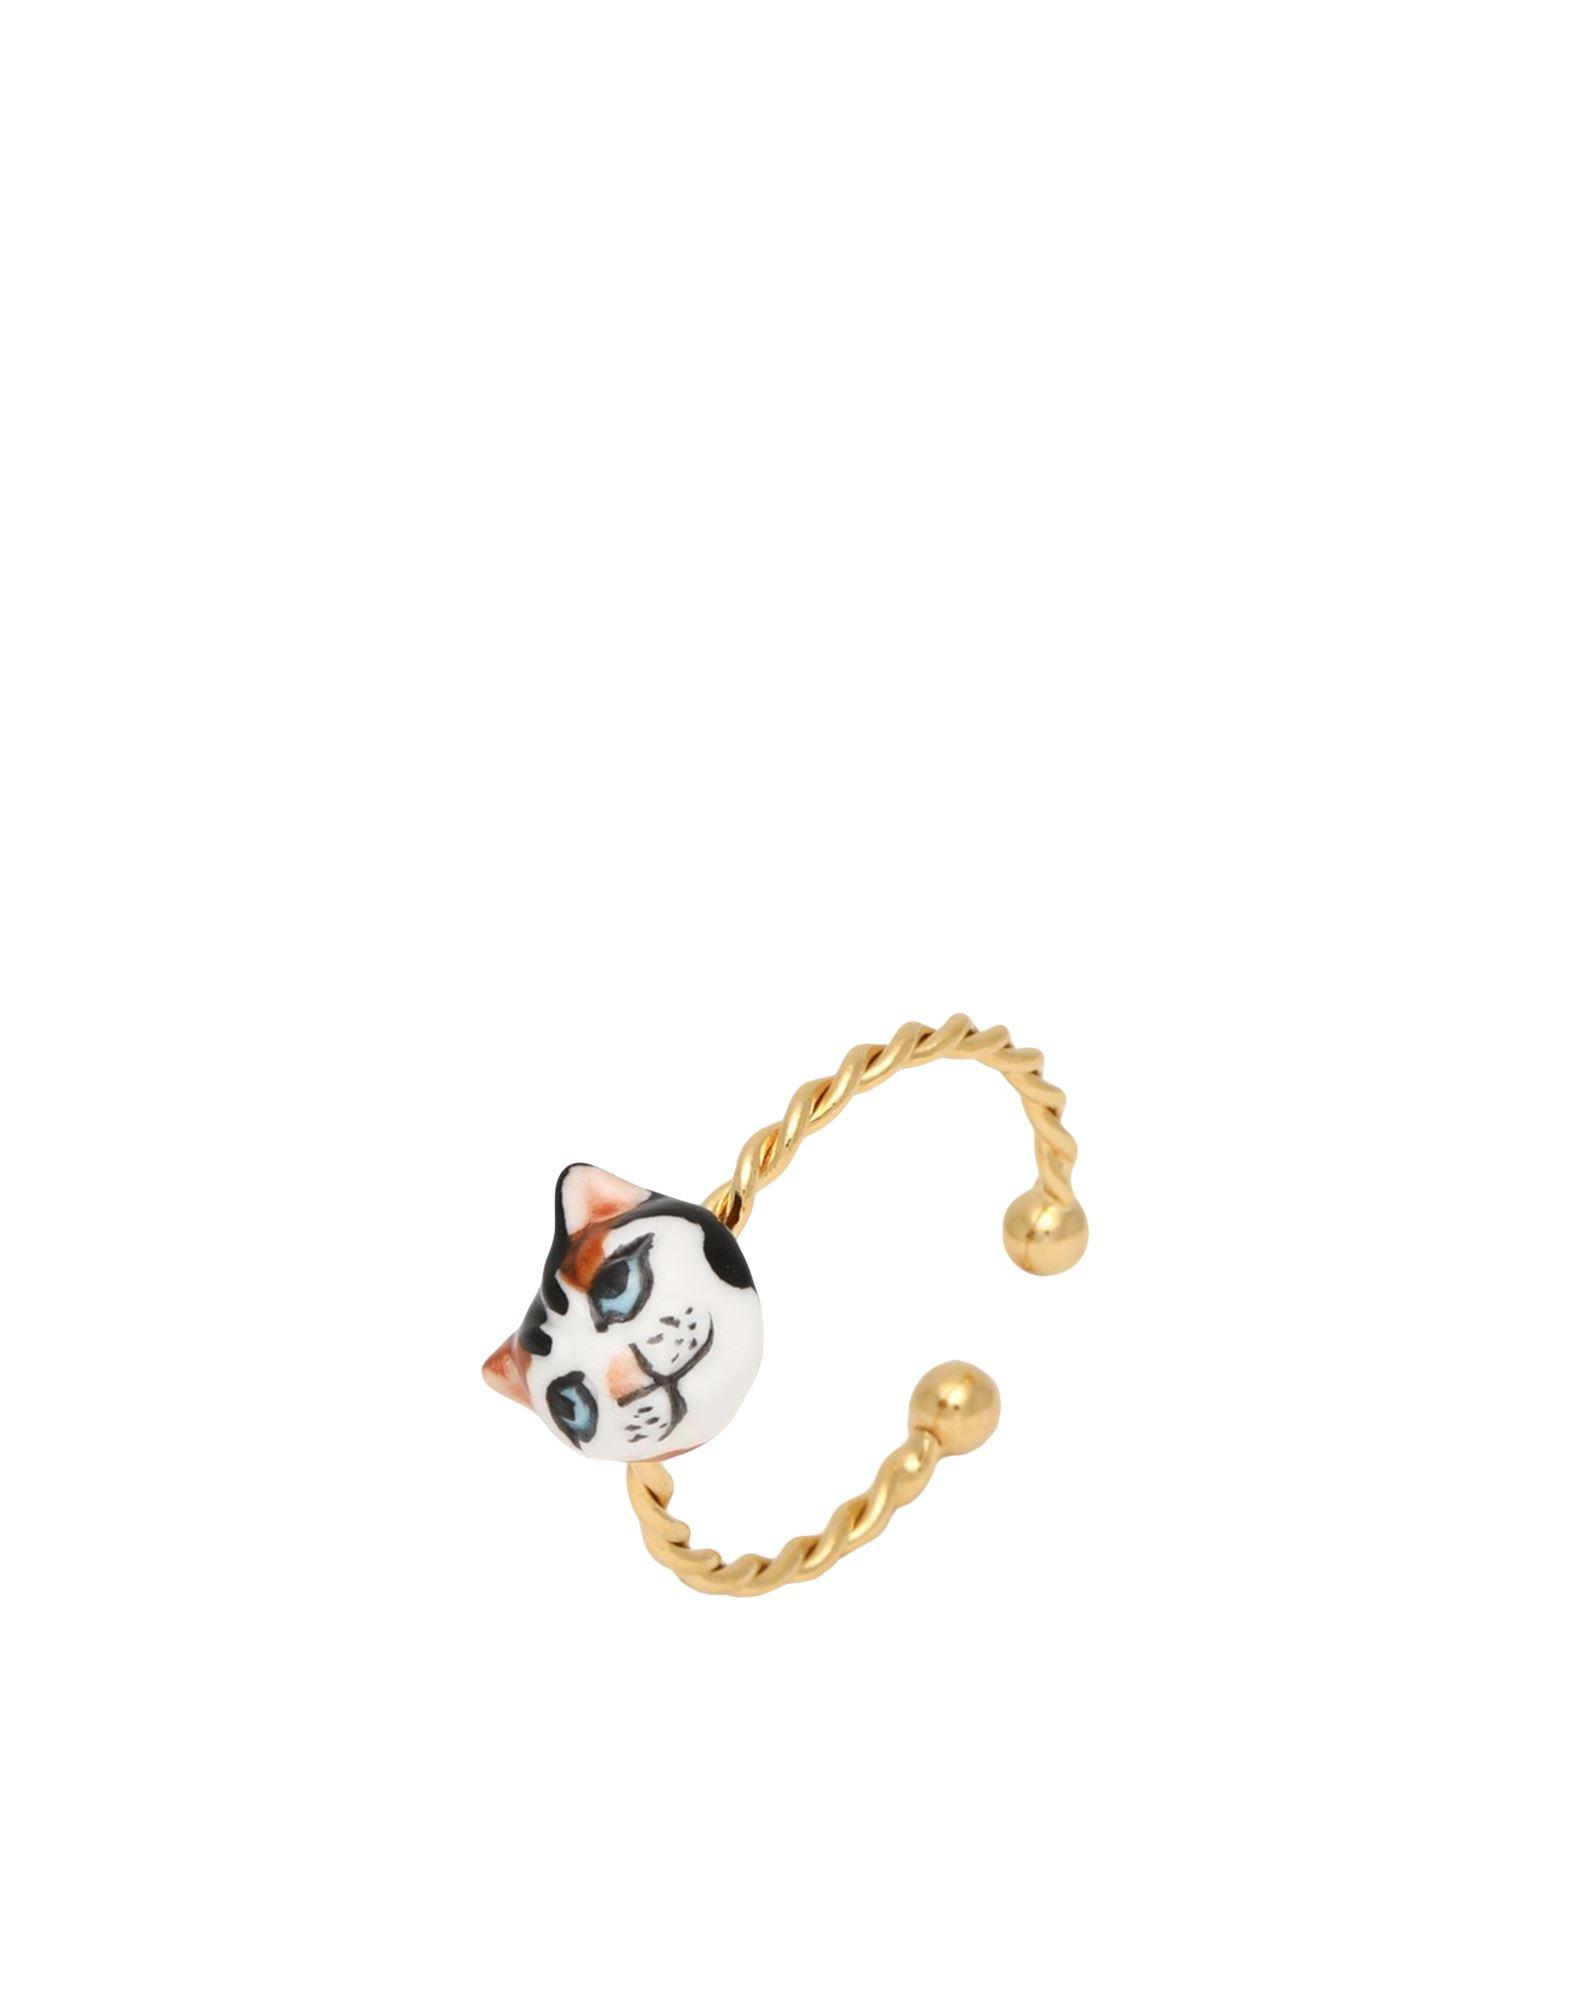 《セール開催中》NACH レディース 指輪 ゴールド OneSize セラミック / 真鍮/ブラス Black, White & Brown Cat ring